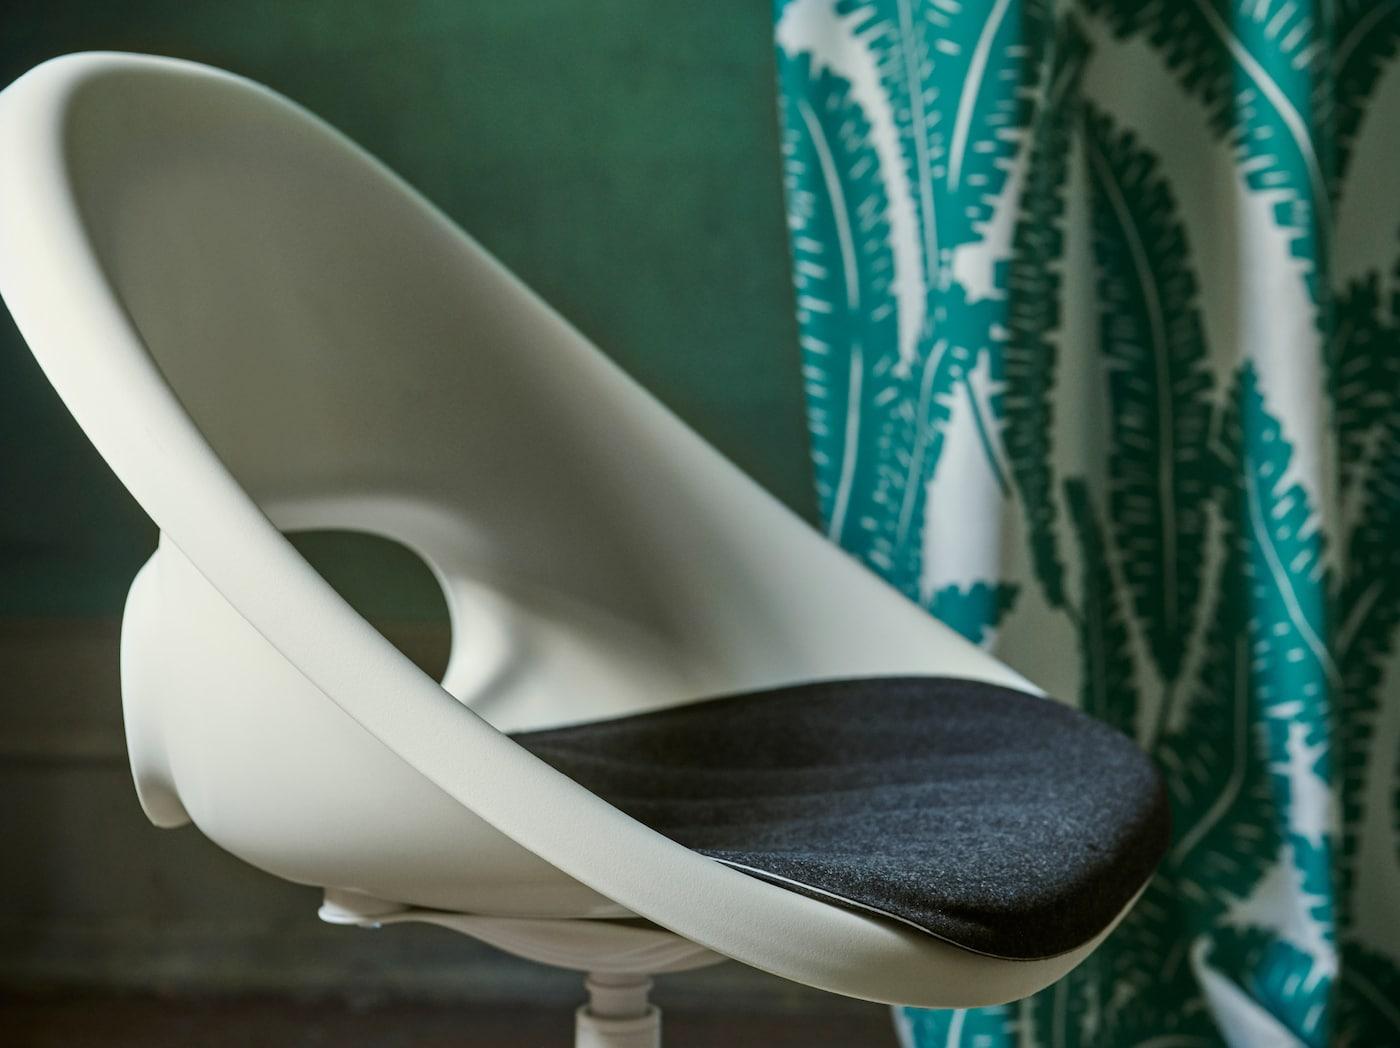 صورة مقربة للكرسي الدوّار الأبيض LOBERGET/BLYSKÄR بتصميم كلاسيكي مستدير موضوع في غرفة خضراء.